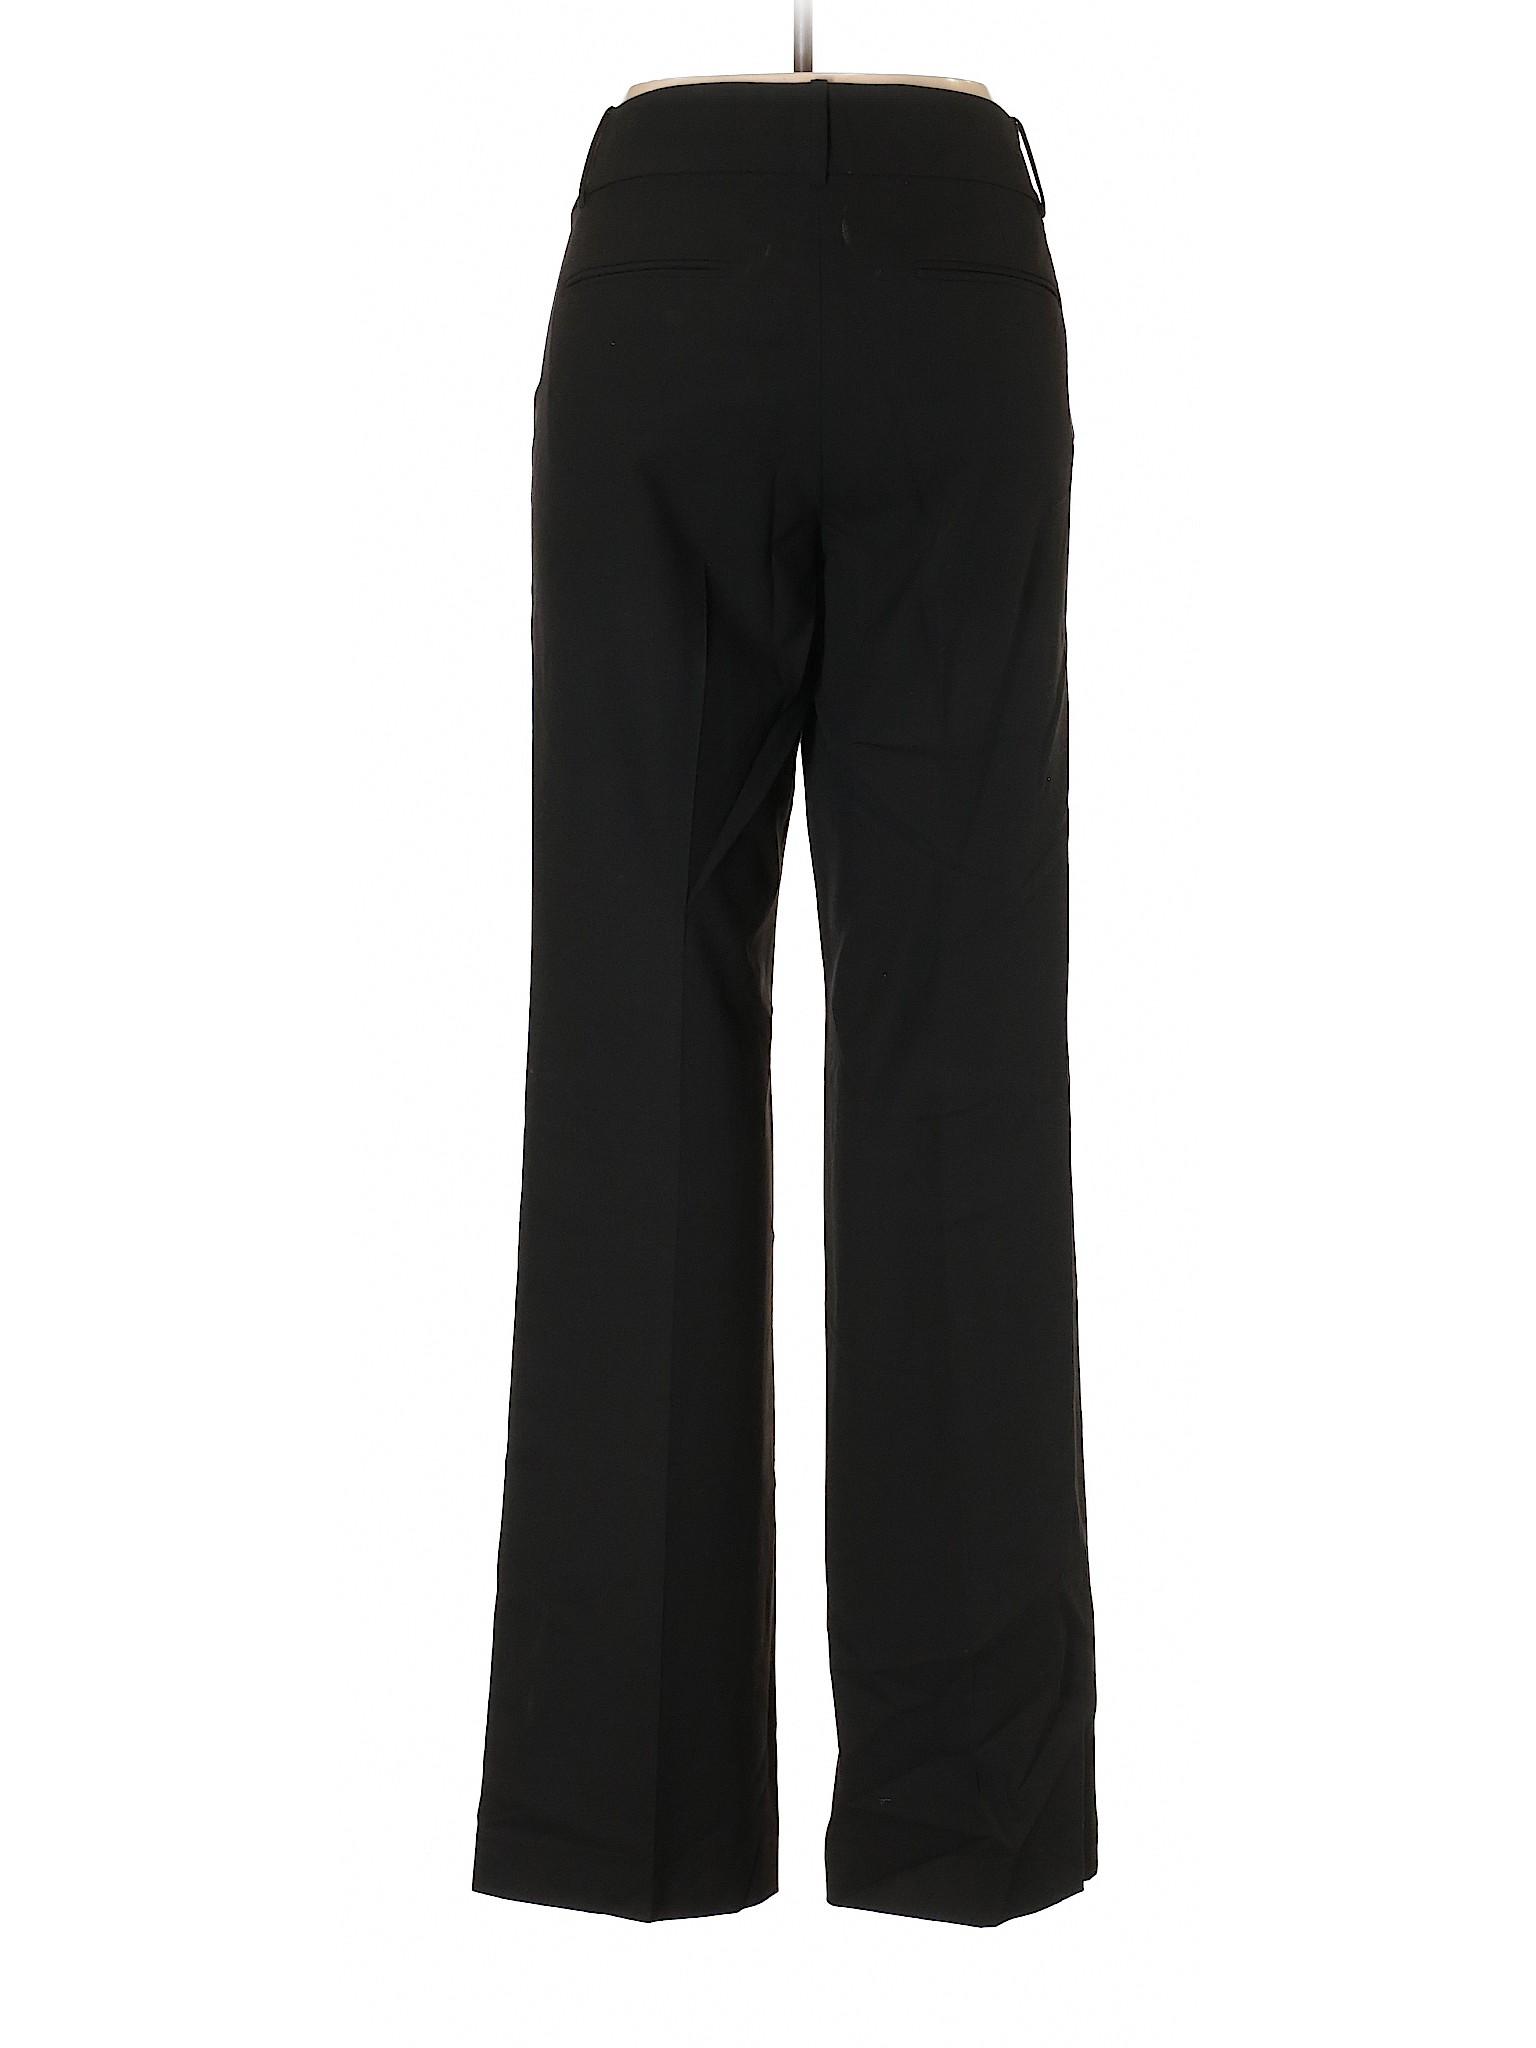 Boutique Ann leisure Pants Dress Taylor R4wUHqPR